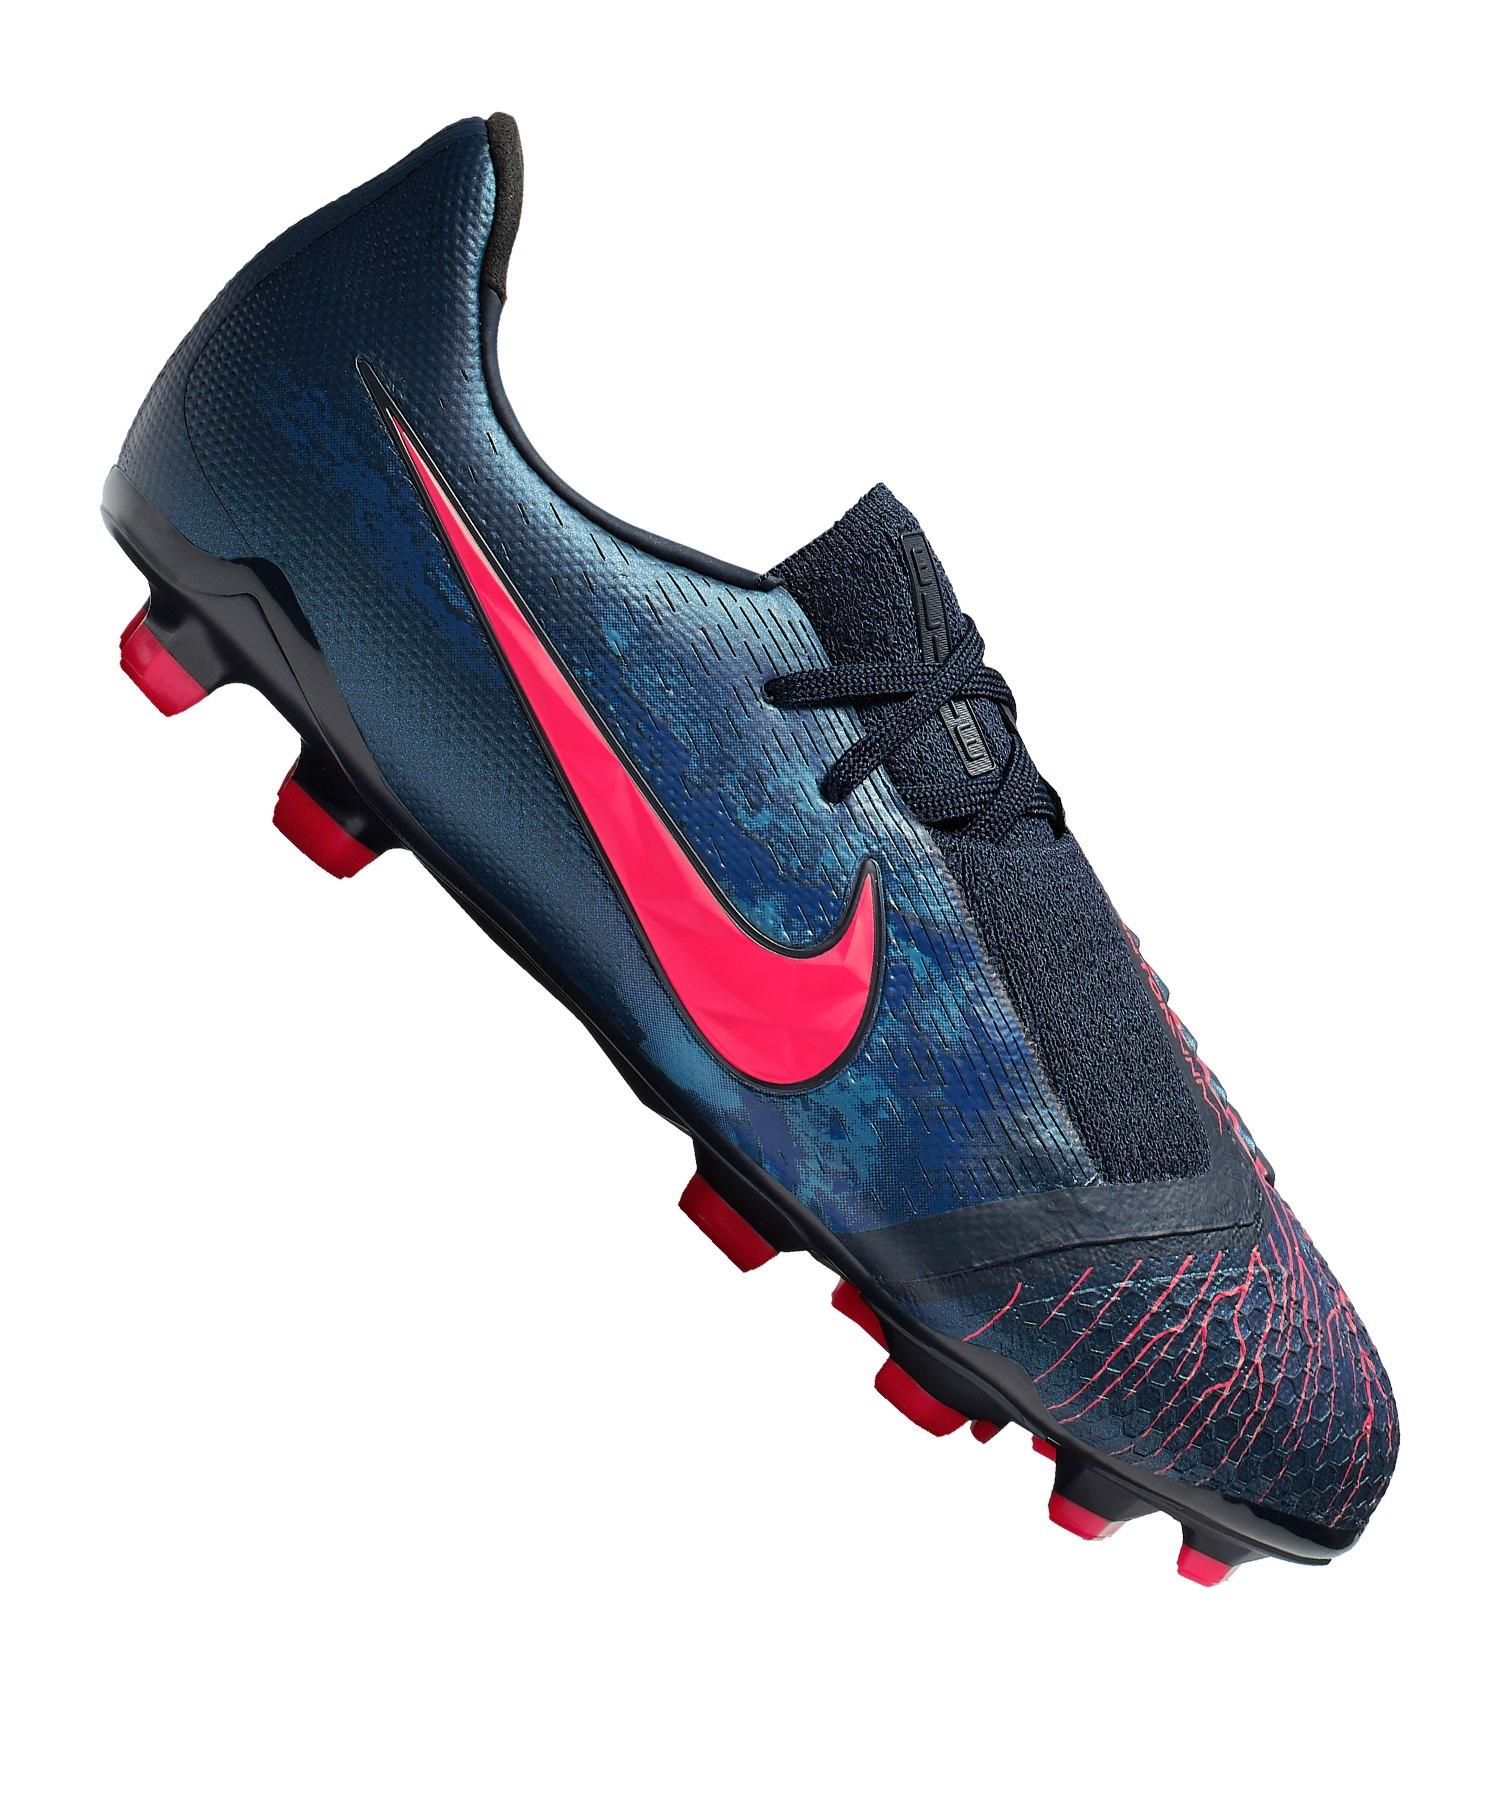 a0ac1adc2b2 Nike Jr Phantom Venom Elite FG Kids Blau F440 - blau